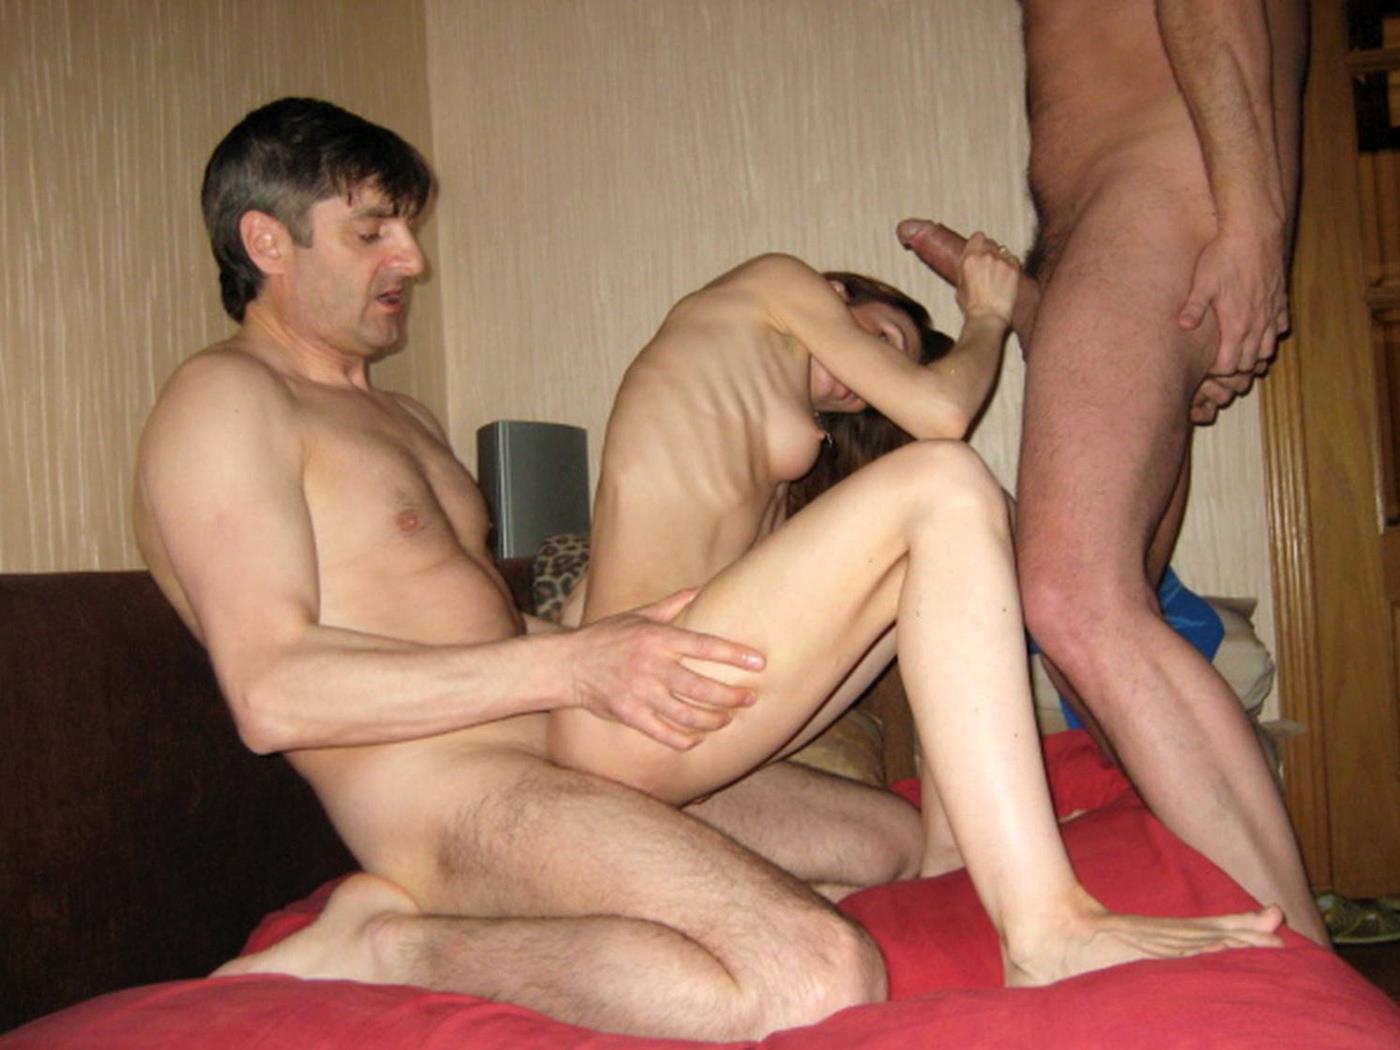 Порно фото ебут худых перед прохожей порноактриса